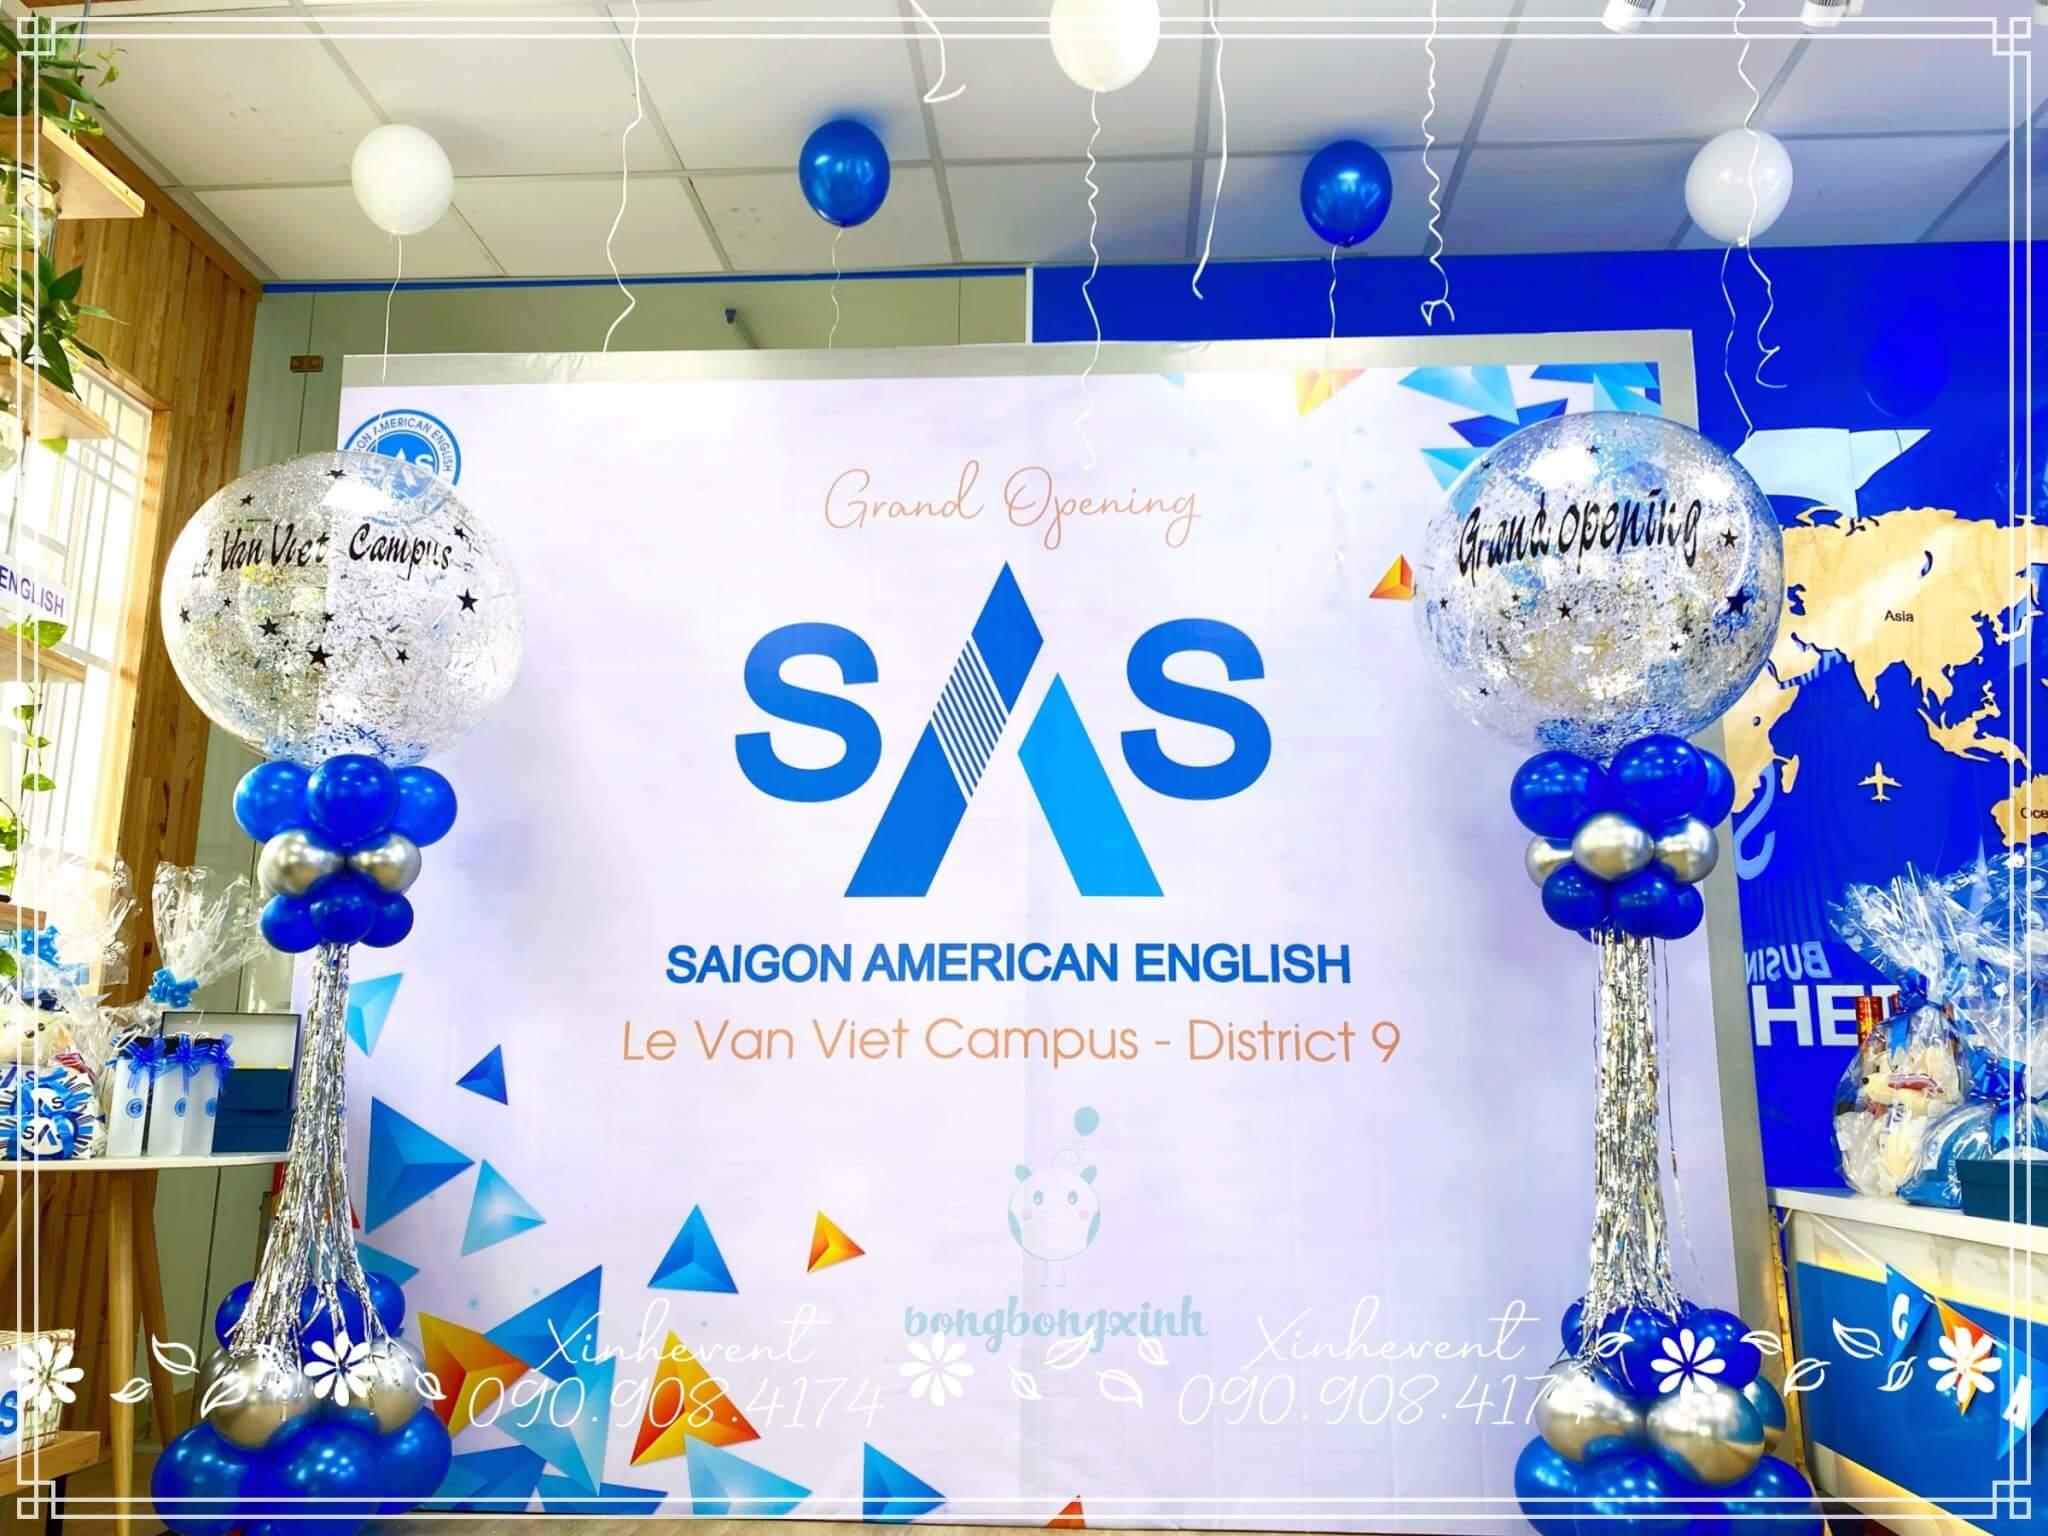 Backdrop trang trí khai trương trung tâm ngoại ngữ thế hệ mới SàiGòn American English (SAS)